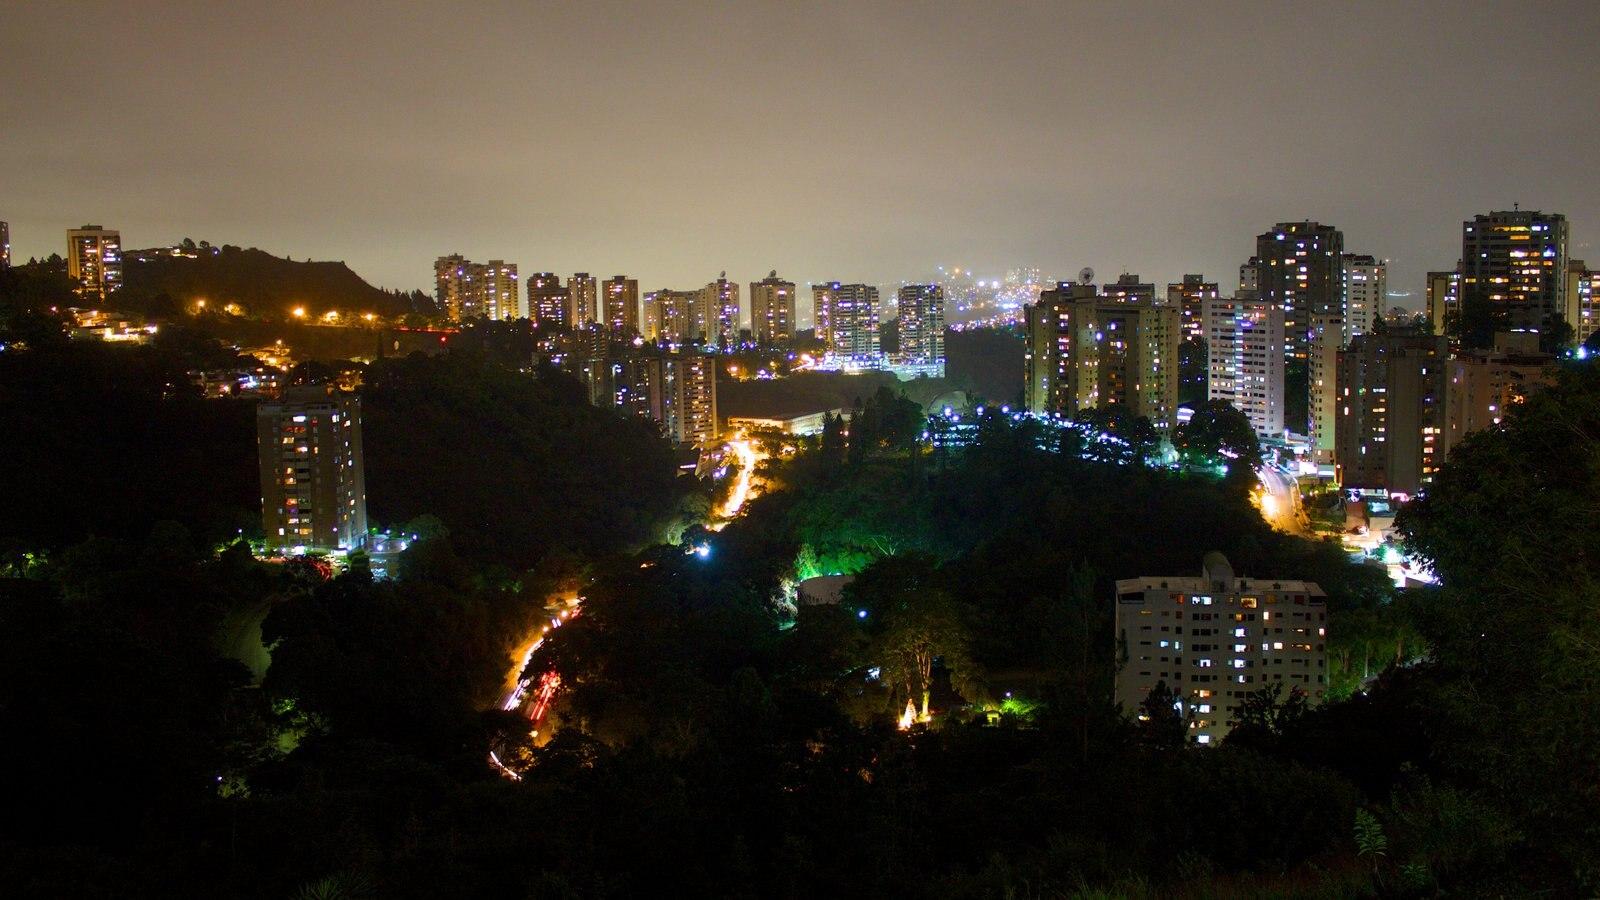 Caracas que inclui uma cidade e cenas noturnas